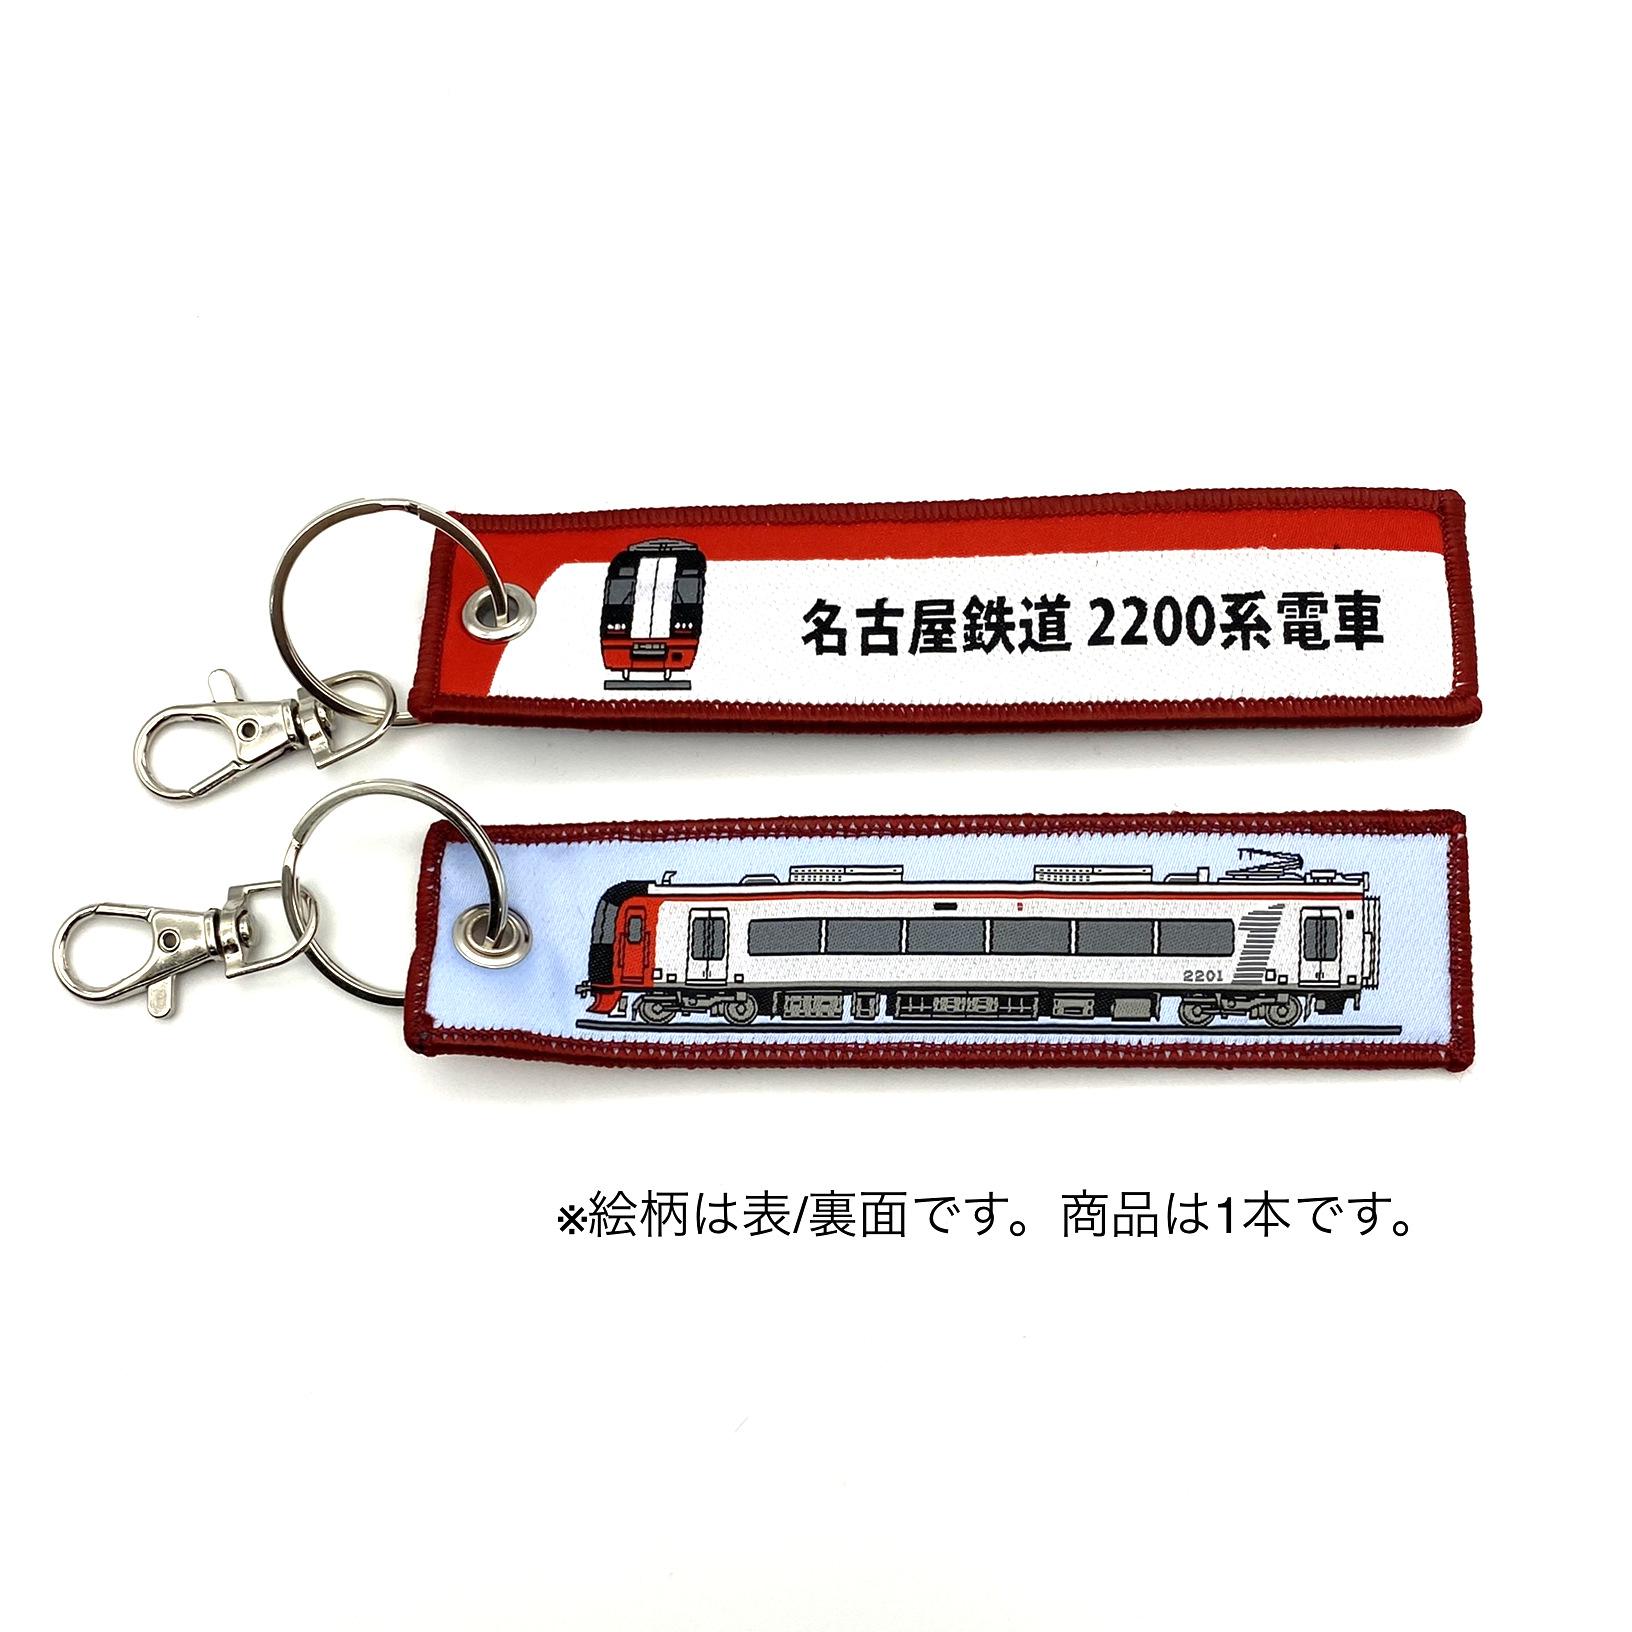 KBオリジナルアイテム 名古屋鉄道 2200系電車